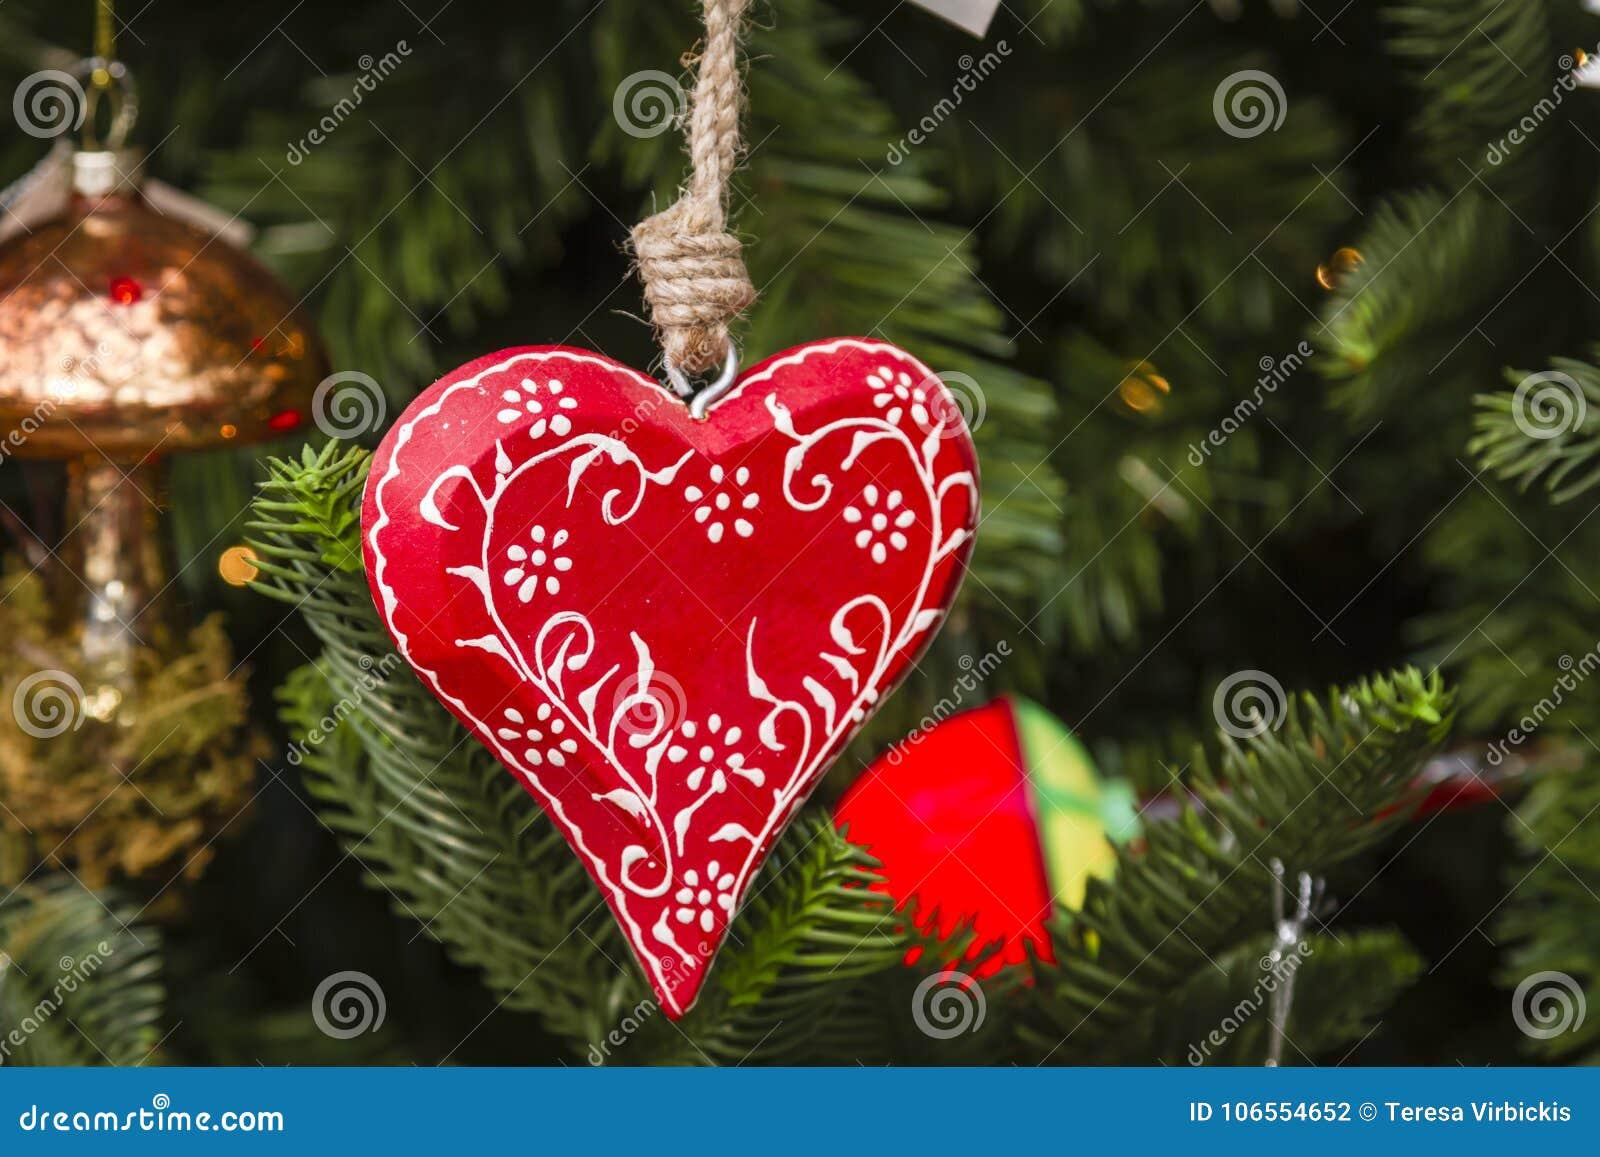 Hanging Christmas Ornaments On Tree Stock Photo Image Of Christmas